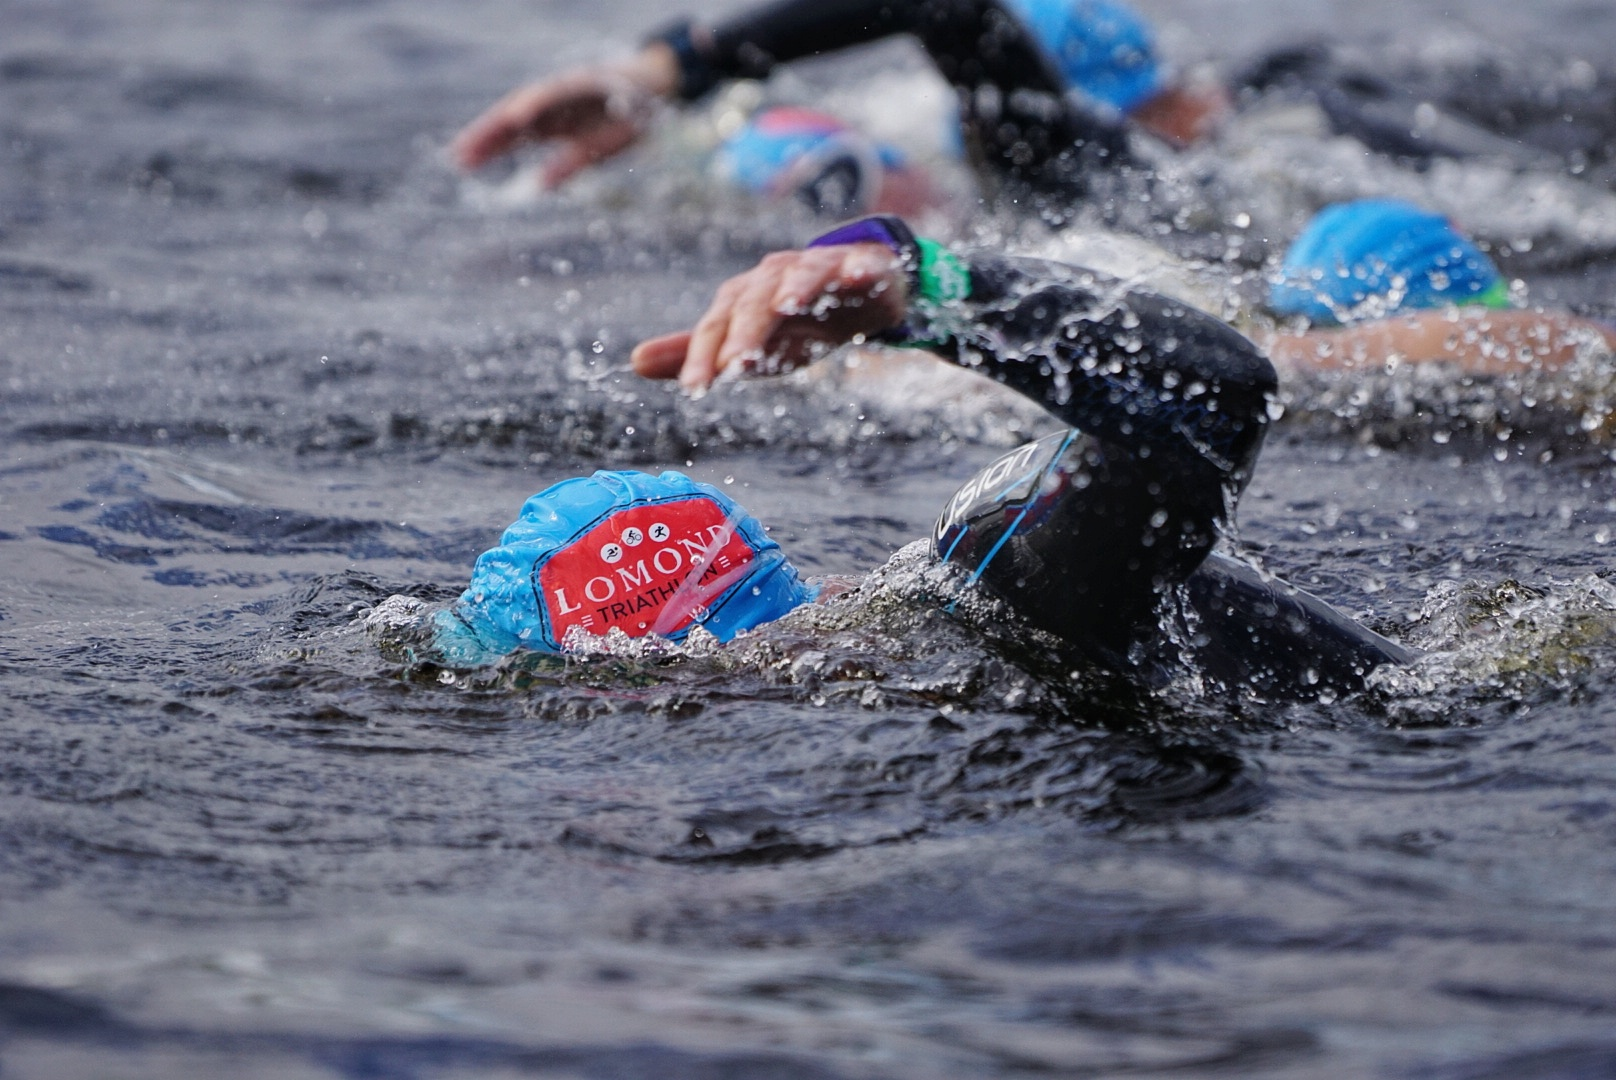 2020 Lomond Open Water Swim